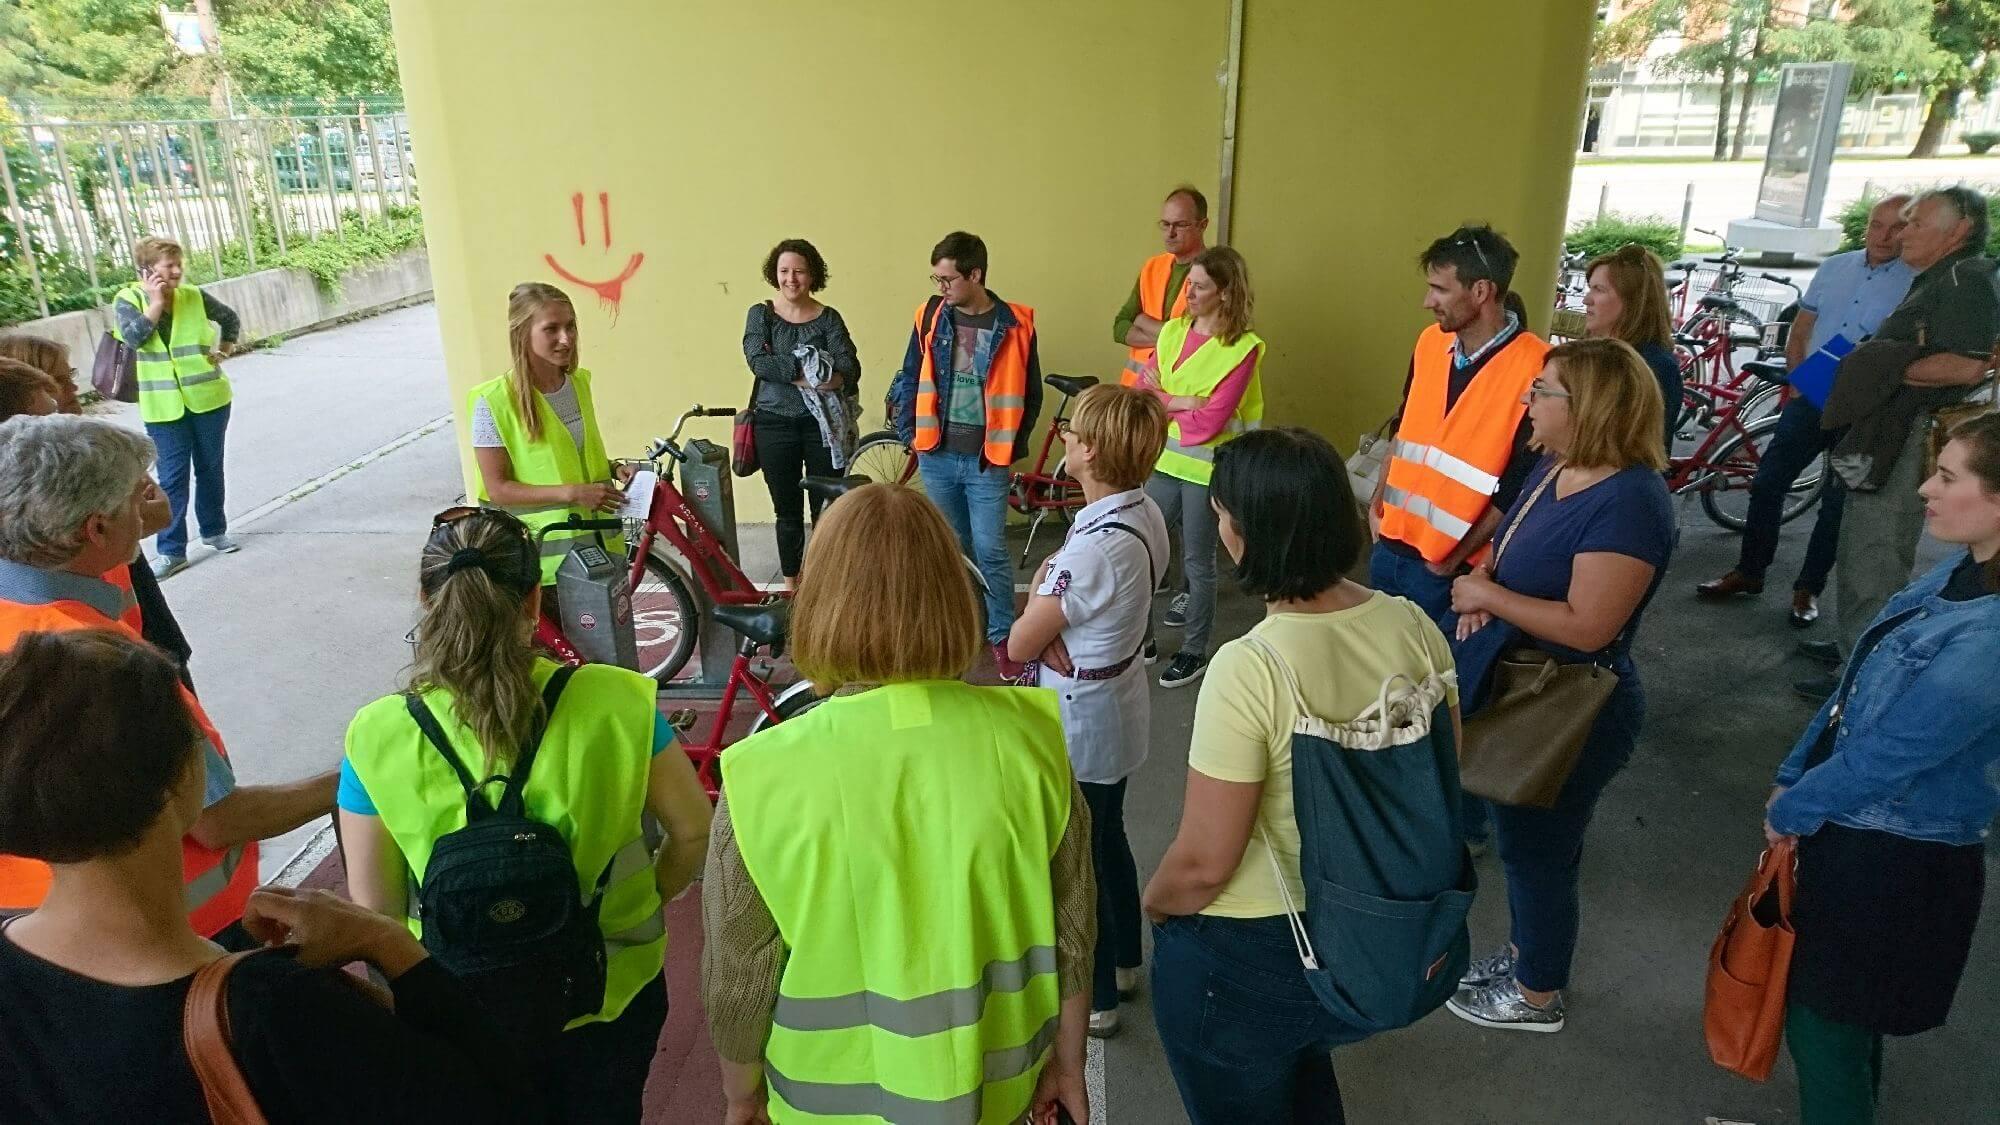 Dobre prakse trajnostne mobilnosti iz Mislinje, Slovenj Gradca in Velenja